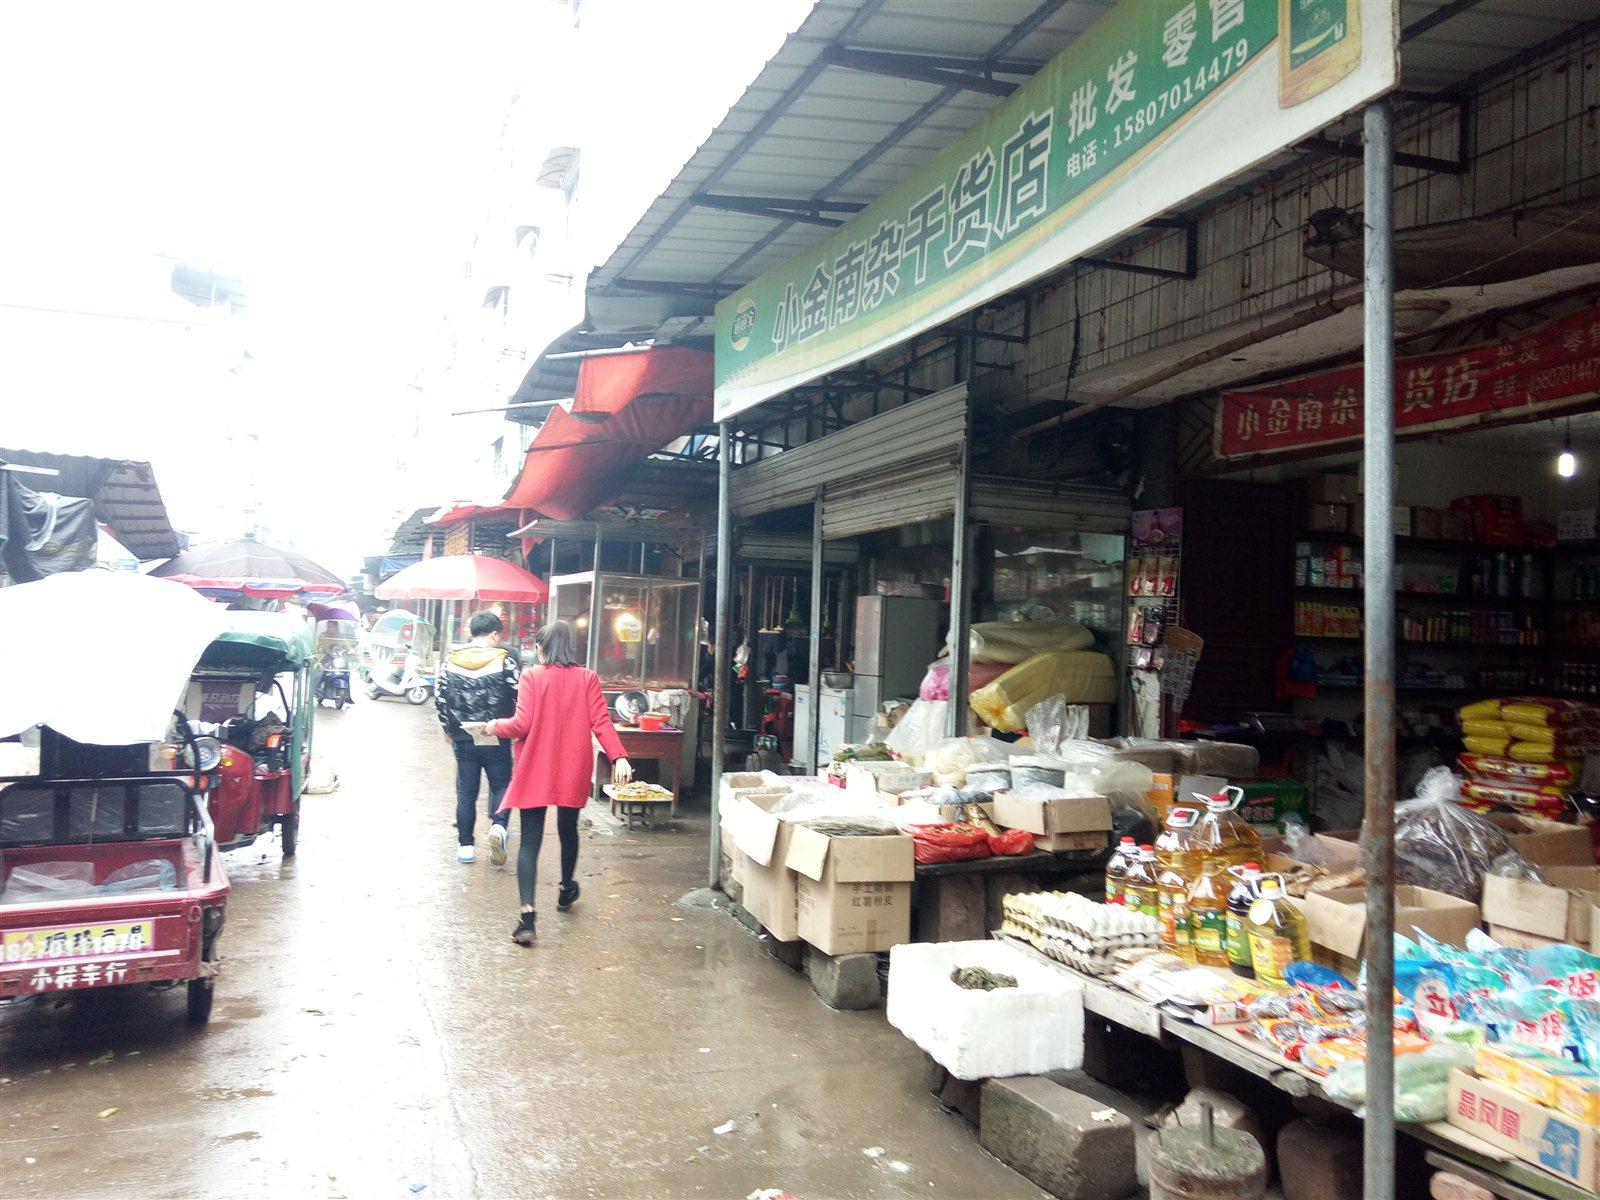 建设路菜市场店铺栋房150万元